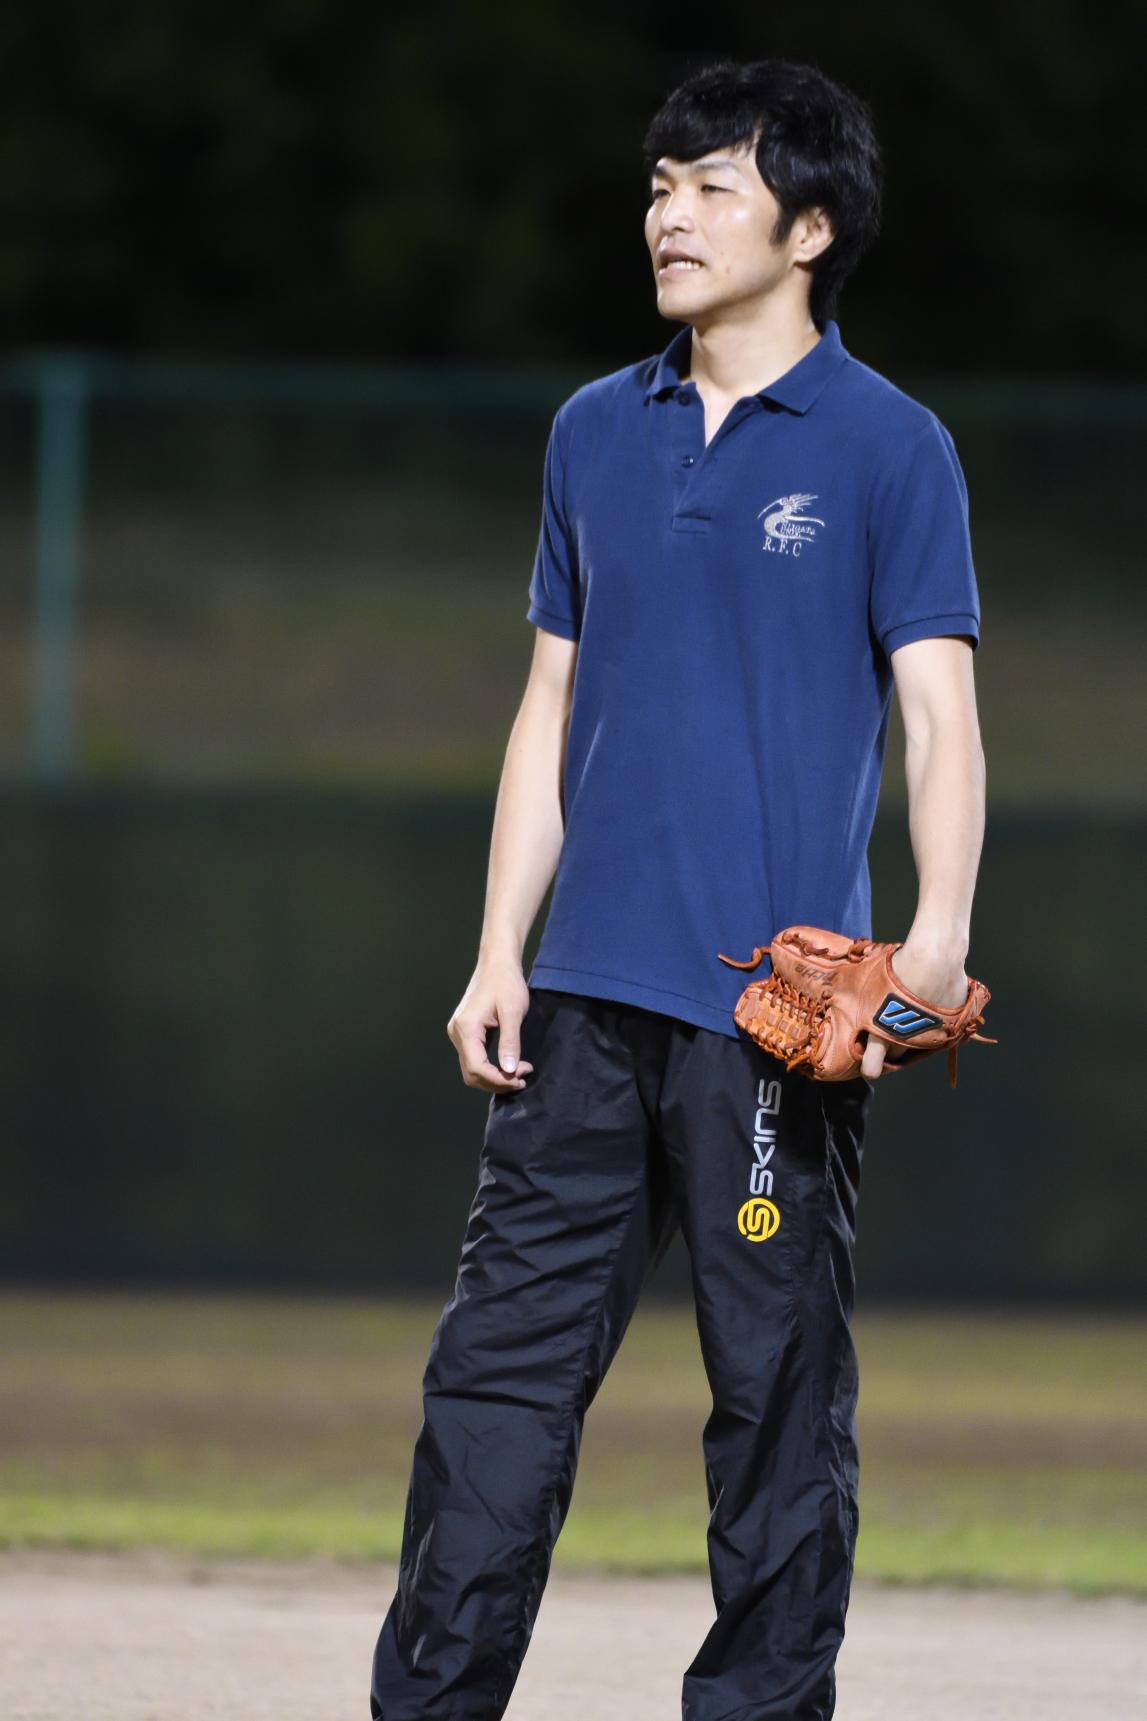 野球経験者の大倉先生。来年は期待してます。